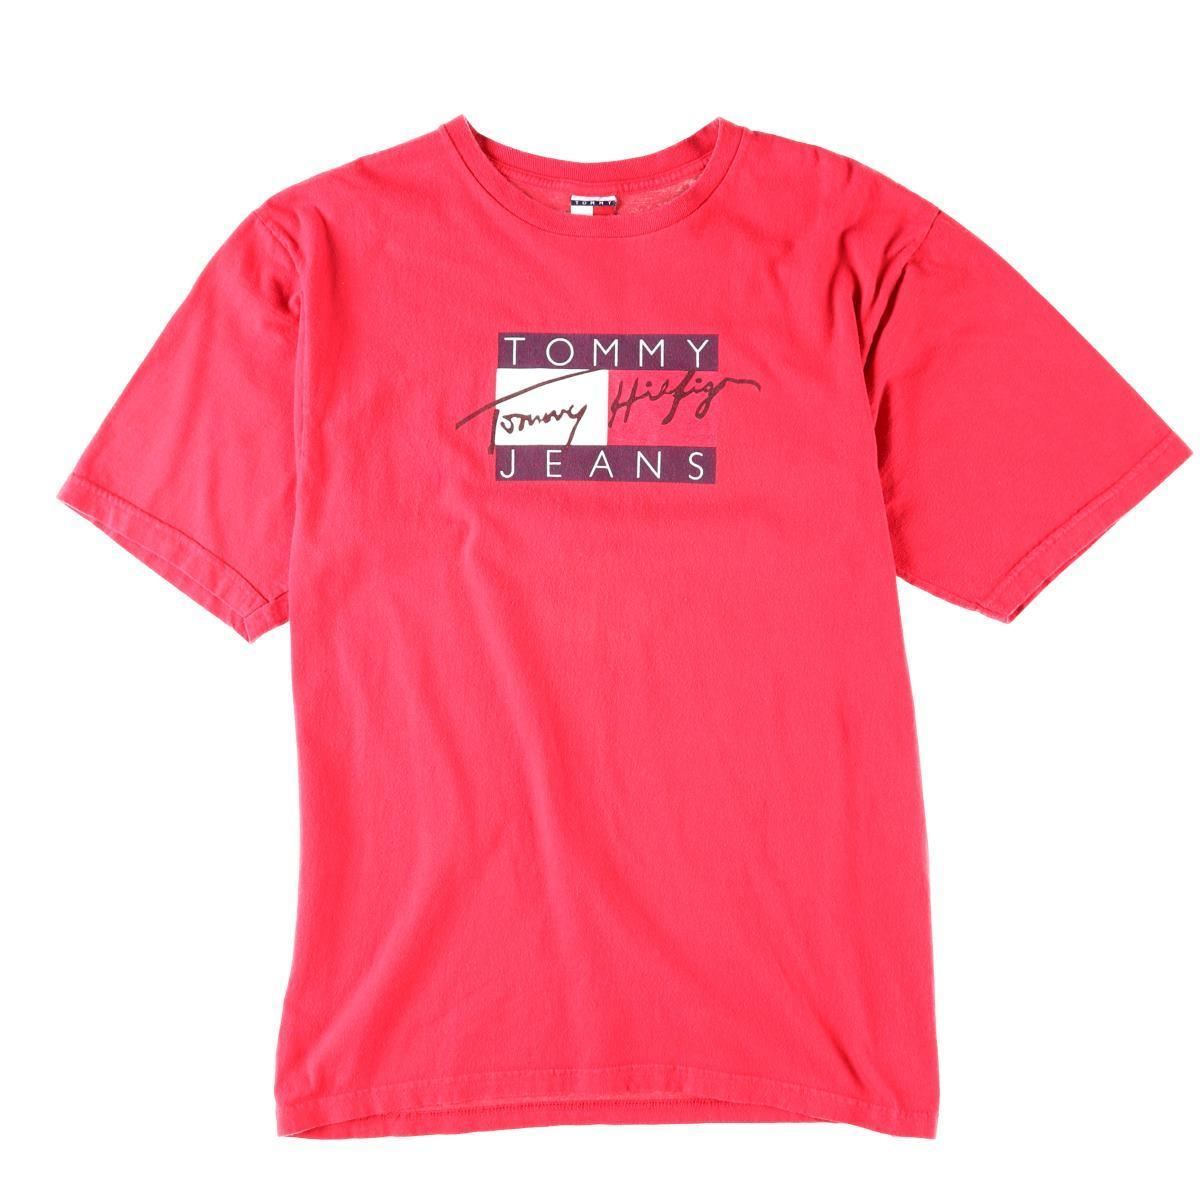 希少 90年代 トミーヒルフィガー TOMMY HILFIGER JEANS デカロゴ ビッグロゴ ロゴプリントTシャツ USA製 メンズXL ヴィンテージ /wbb7218 【中古】 【190429】【VTG】【SVTG】